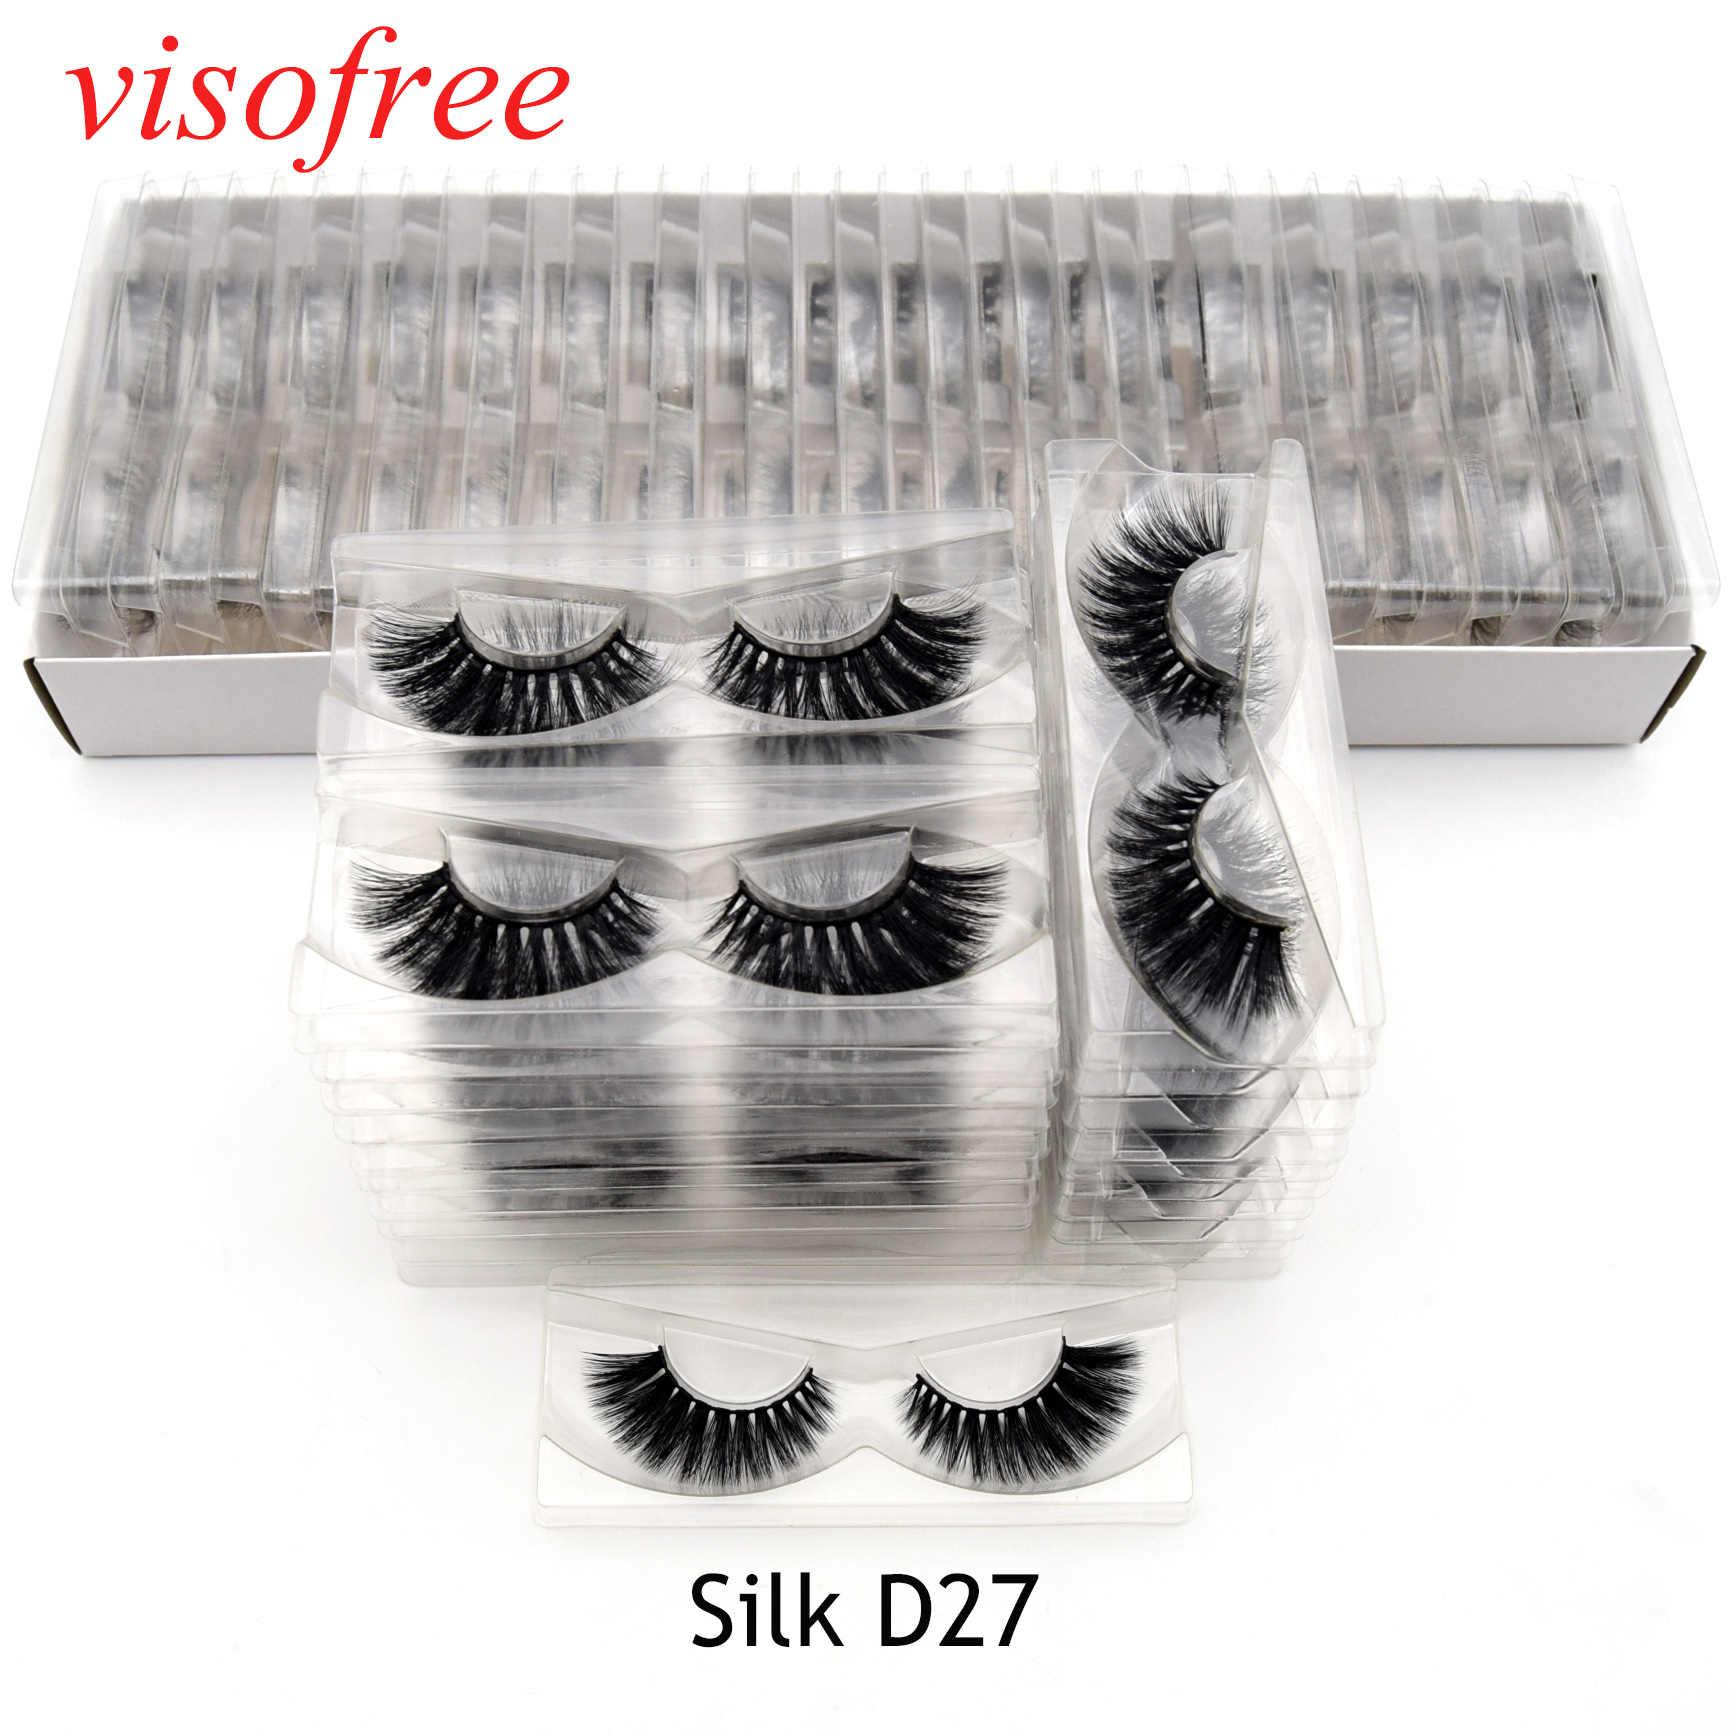 Visofree 30 пар/лот 3D Искусственные Шелковые ресницы крылатые шелковые ресницы бескровные многоразовые ресницы макияж Silk-D27